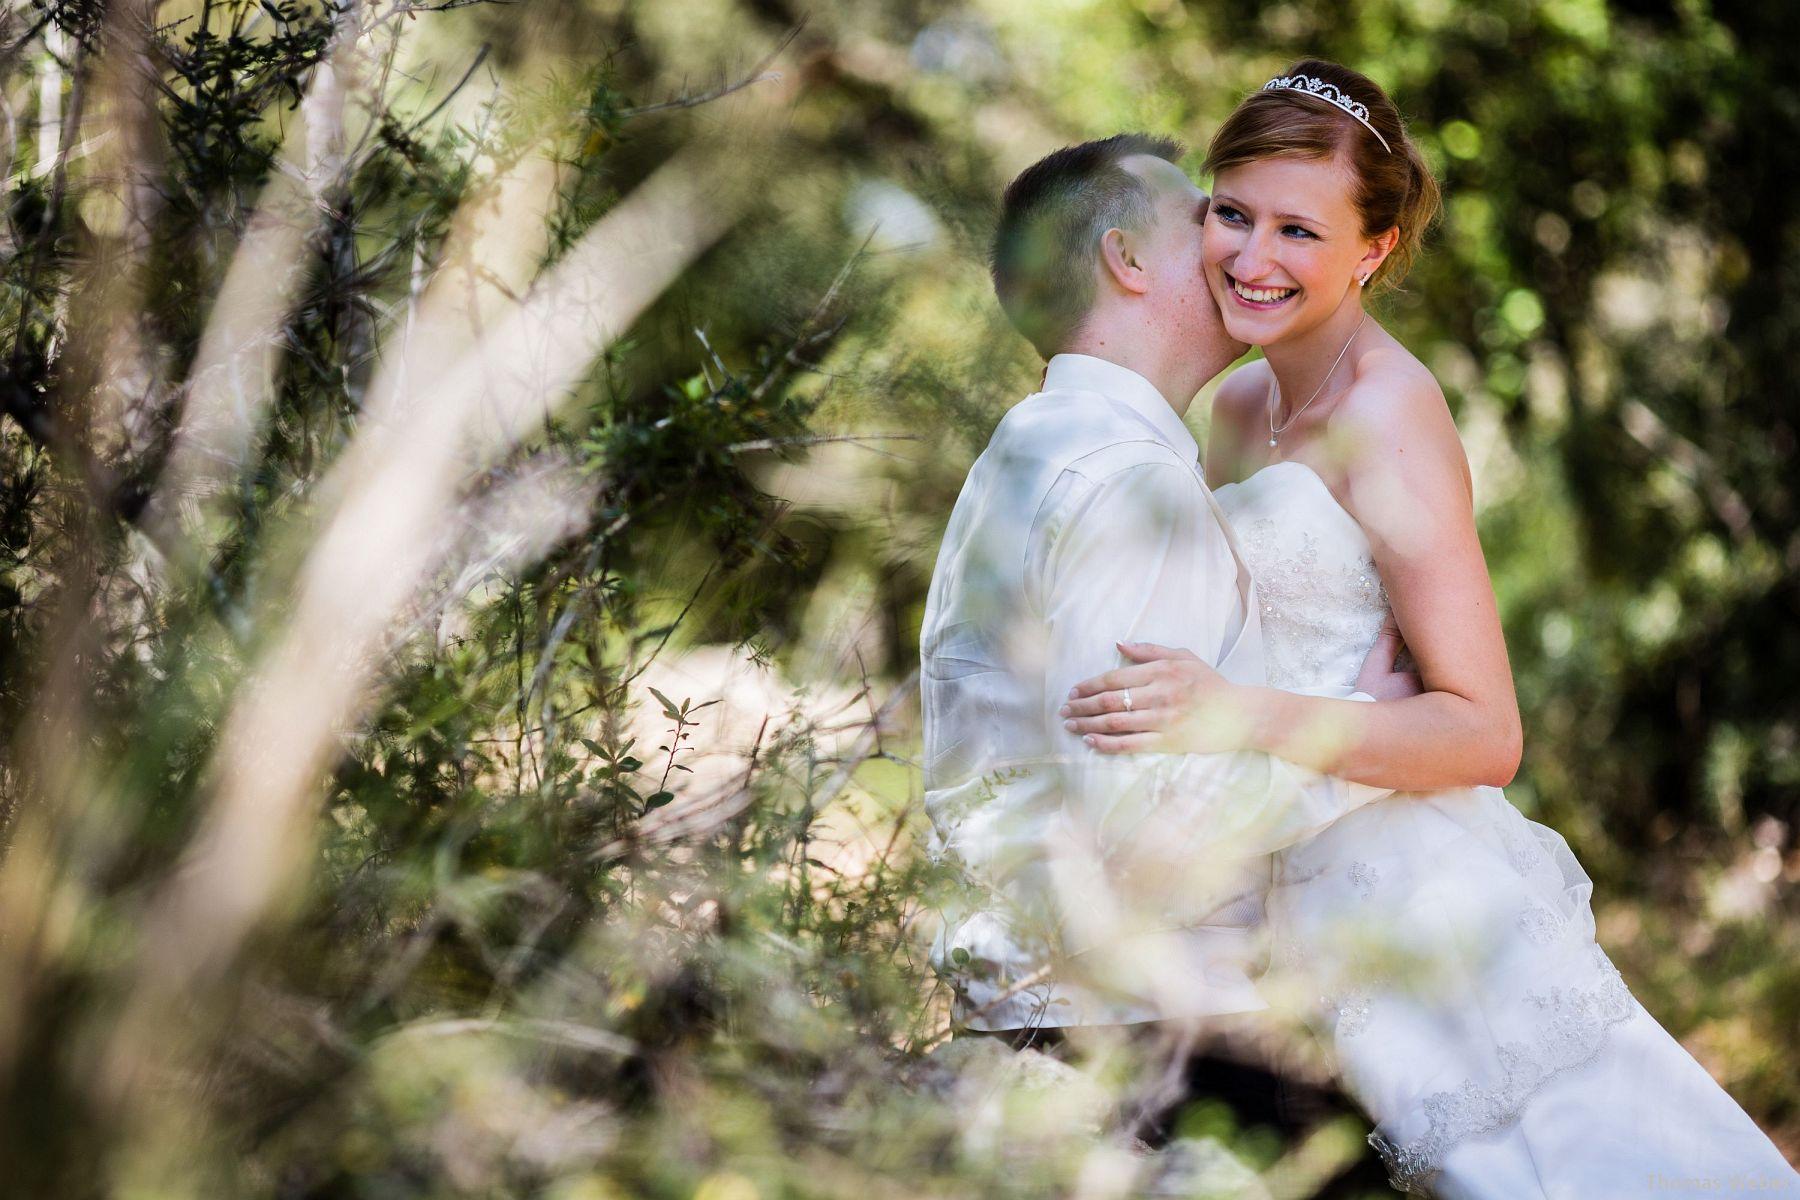 Hochzeitsfotograf Thomas Weber aus Oldenburg: Hochzeitsfotos und Paarfotos auf Mallorca (9)